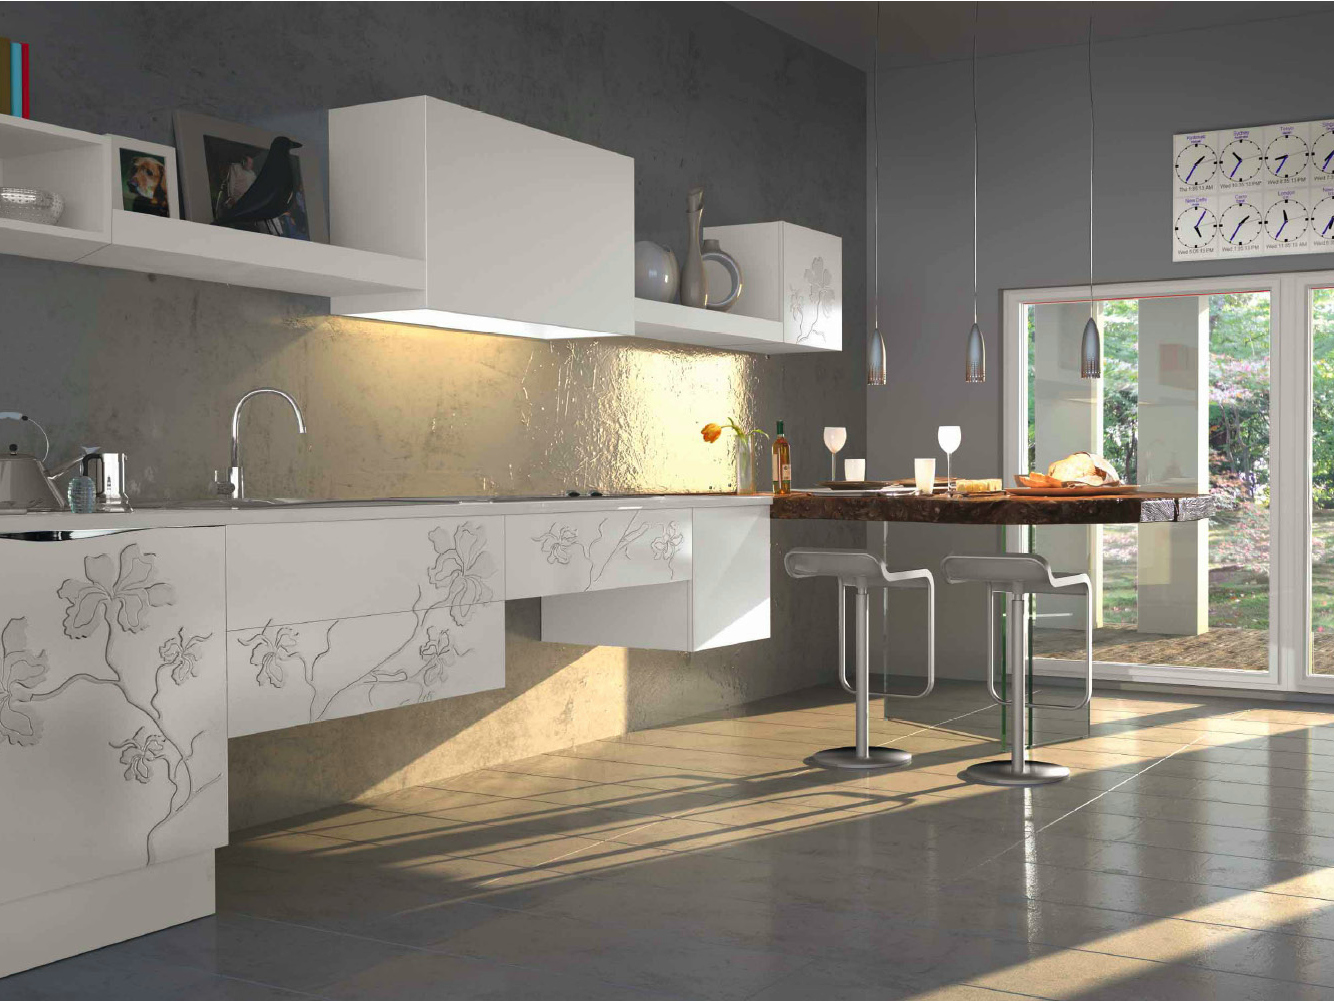 Cucina Componibile Su Misura Con Penisola IRIS Cucina Bizzotto #806E4B 1334 1003 Mobili Componibili Per Cucina Ikea